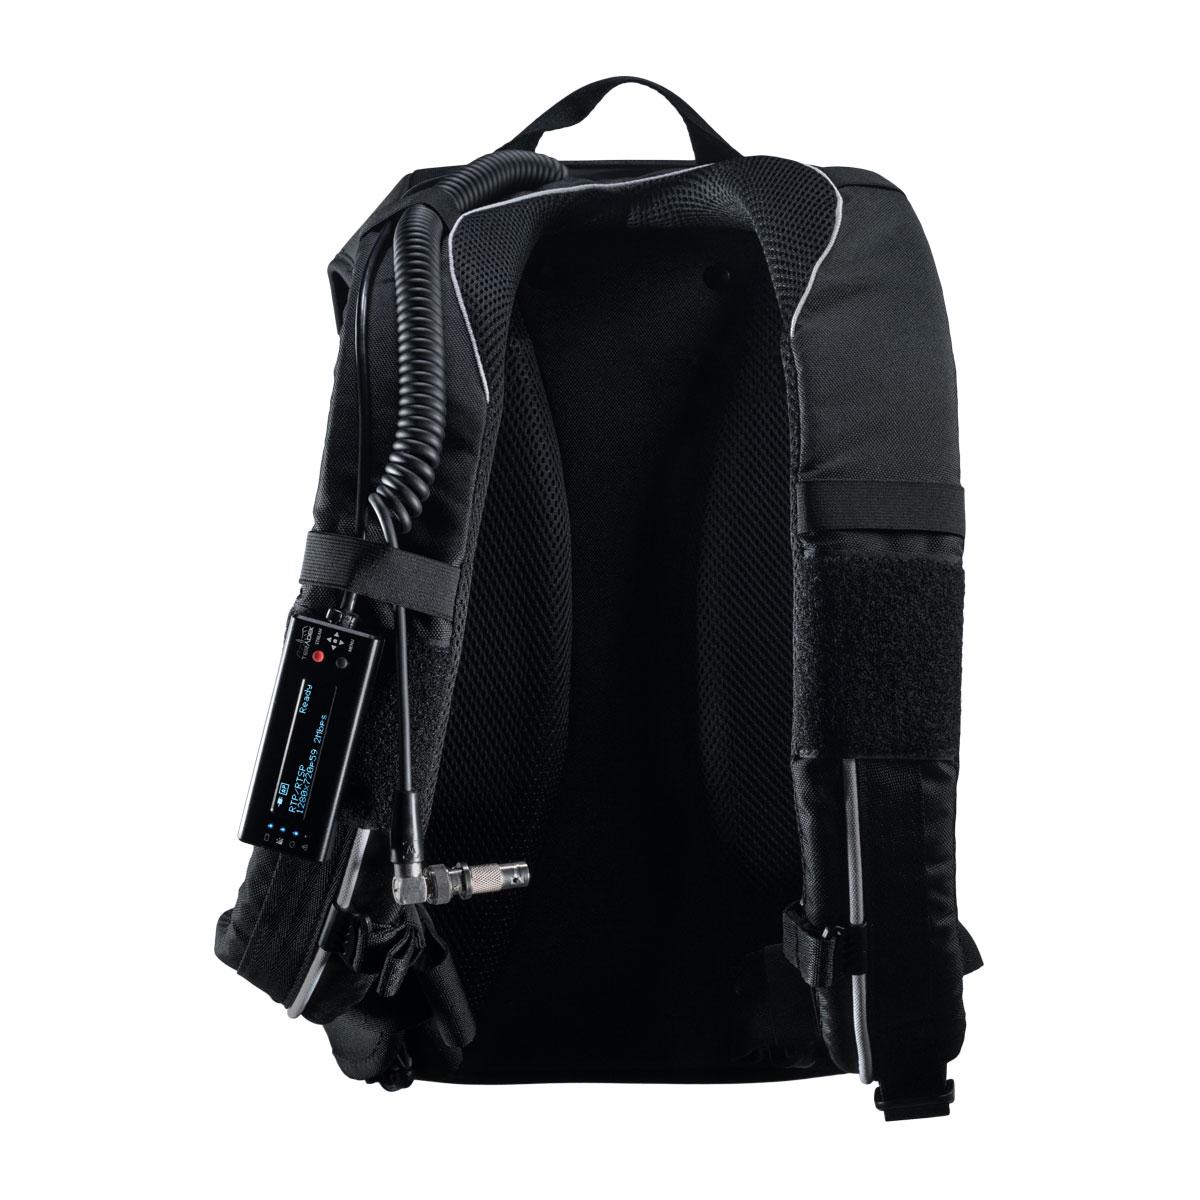 Bond 759 - Bond HEVC/AVC Backpack + MPEG-TS - No Nodes / 4-pin to 4-pin / V-Mount